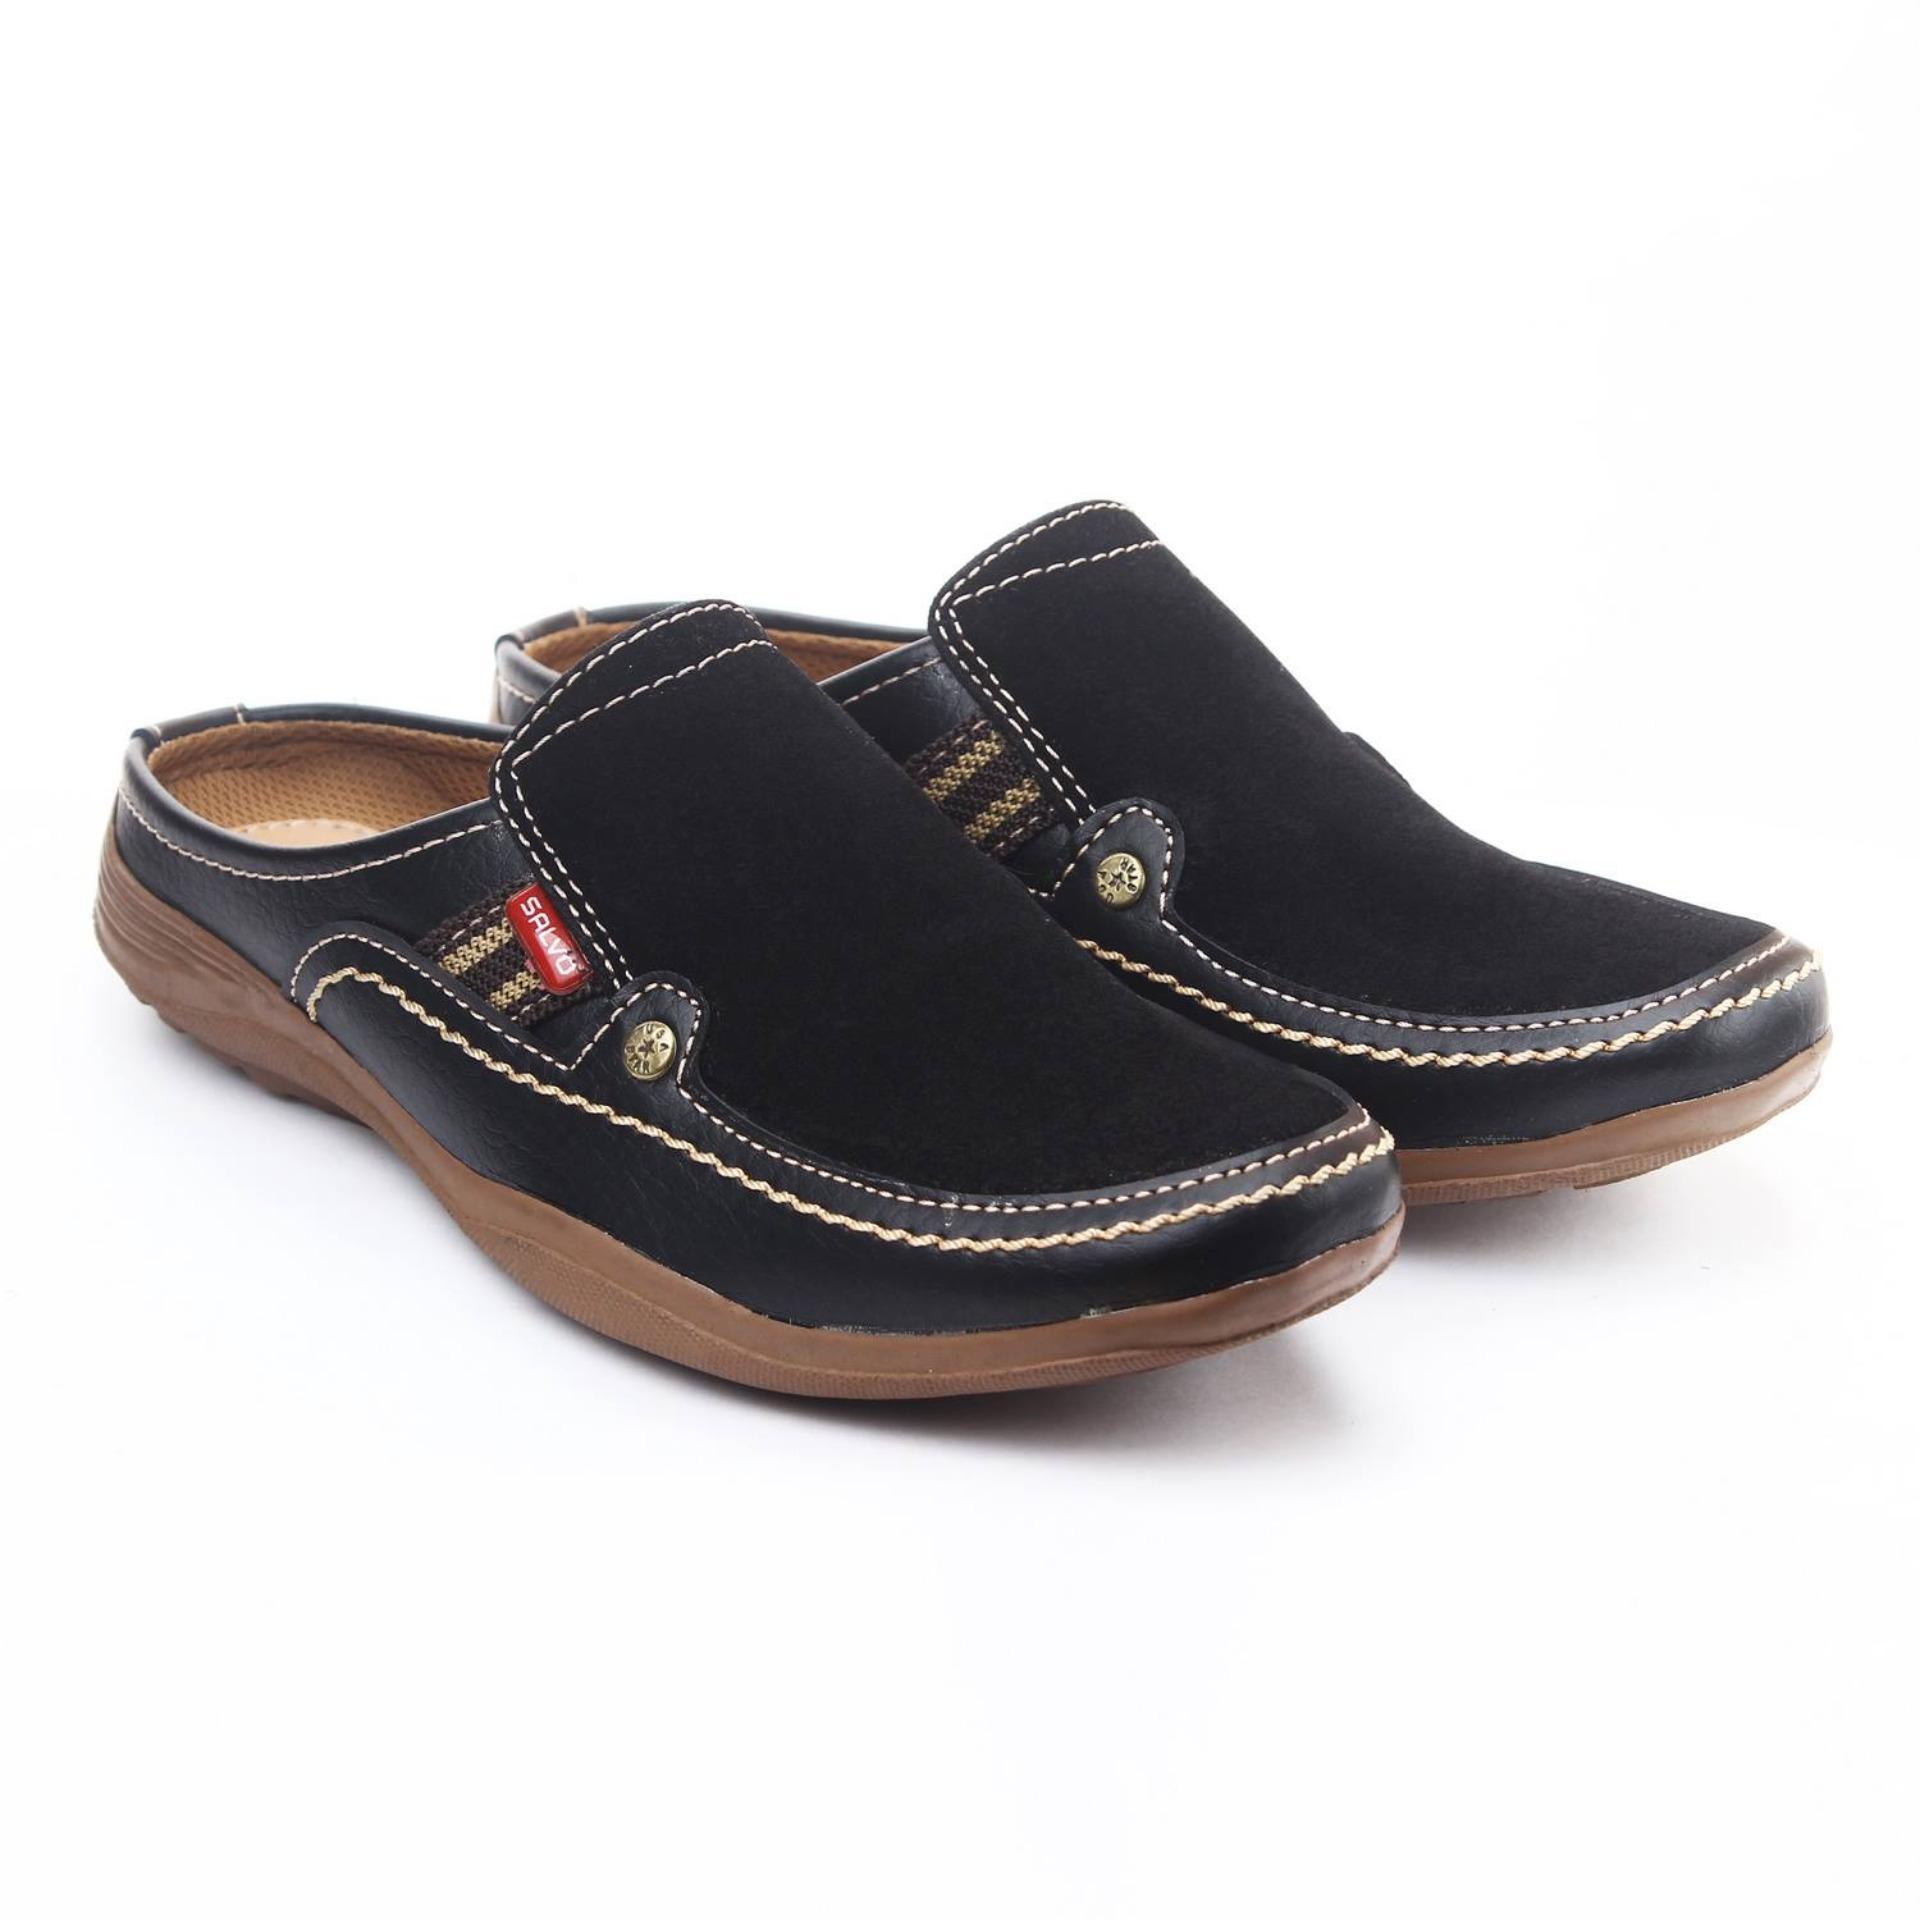 Salvo / fashion pria / sepatu / sepatu pria / flat shoes / flatshoes / sepatu casual / sepatu casual pria / sepatu cowo / sepatu cowok / sepatu flat / sepatu murah / sepatu pria casual / sepatu pria murah / sepatu sandal pria SL02-hitam